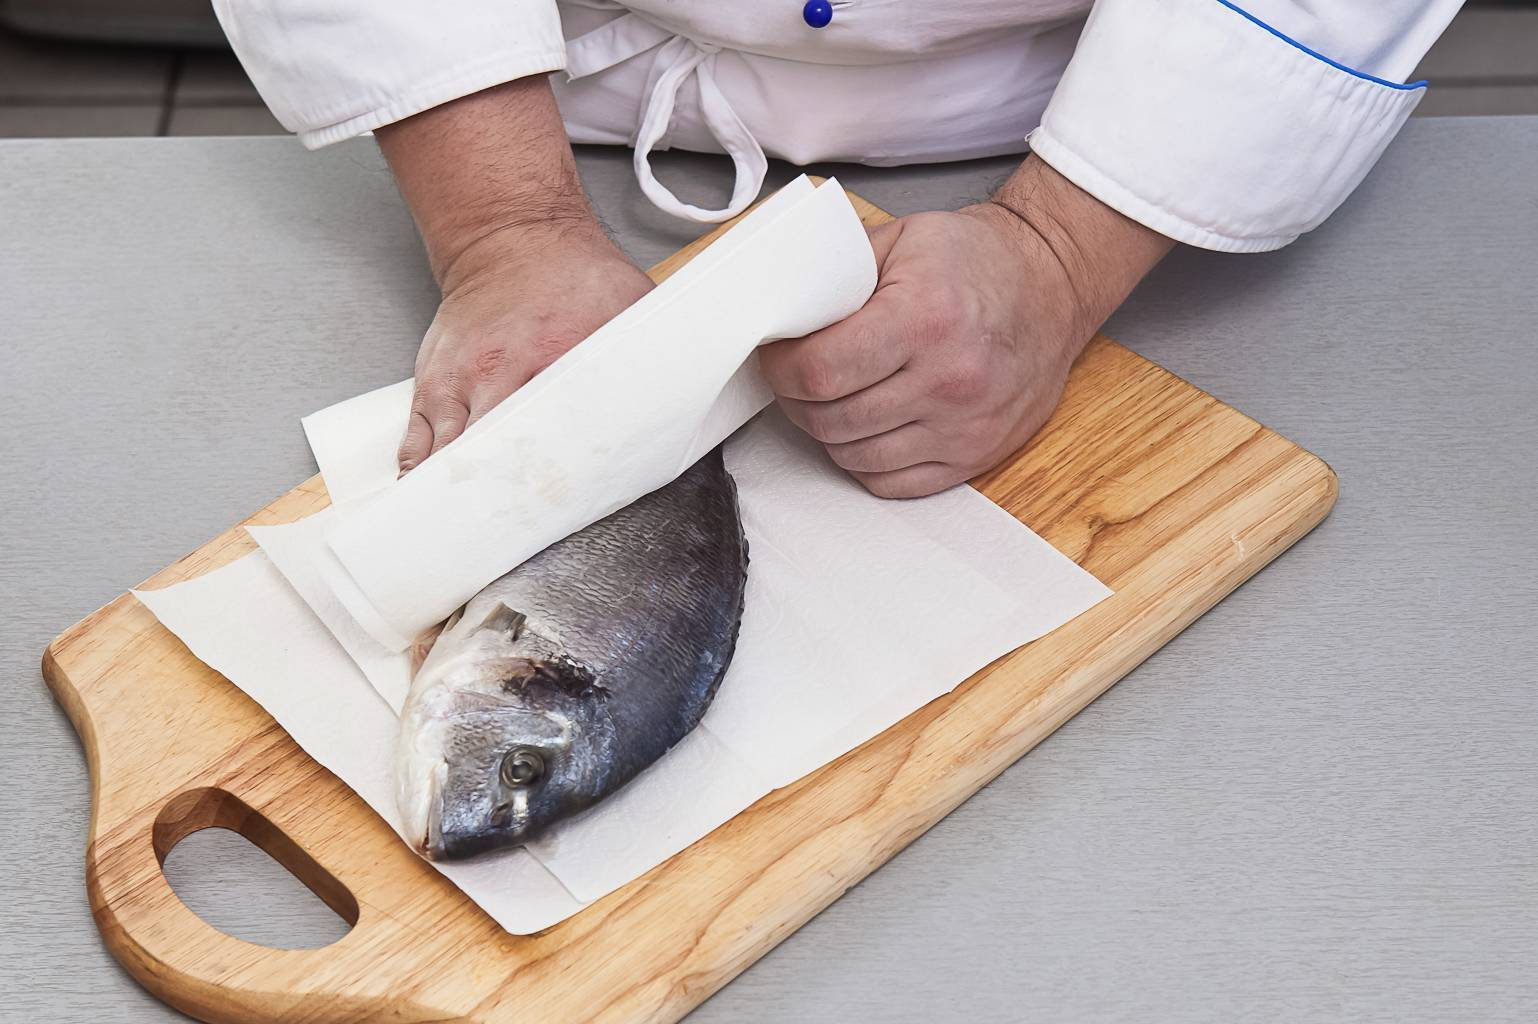 Форель: как правильно почистить от чешуи, выпотрошить и разделать